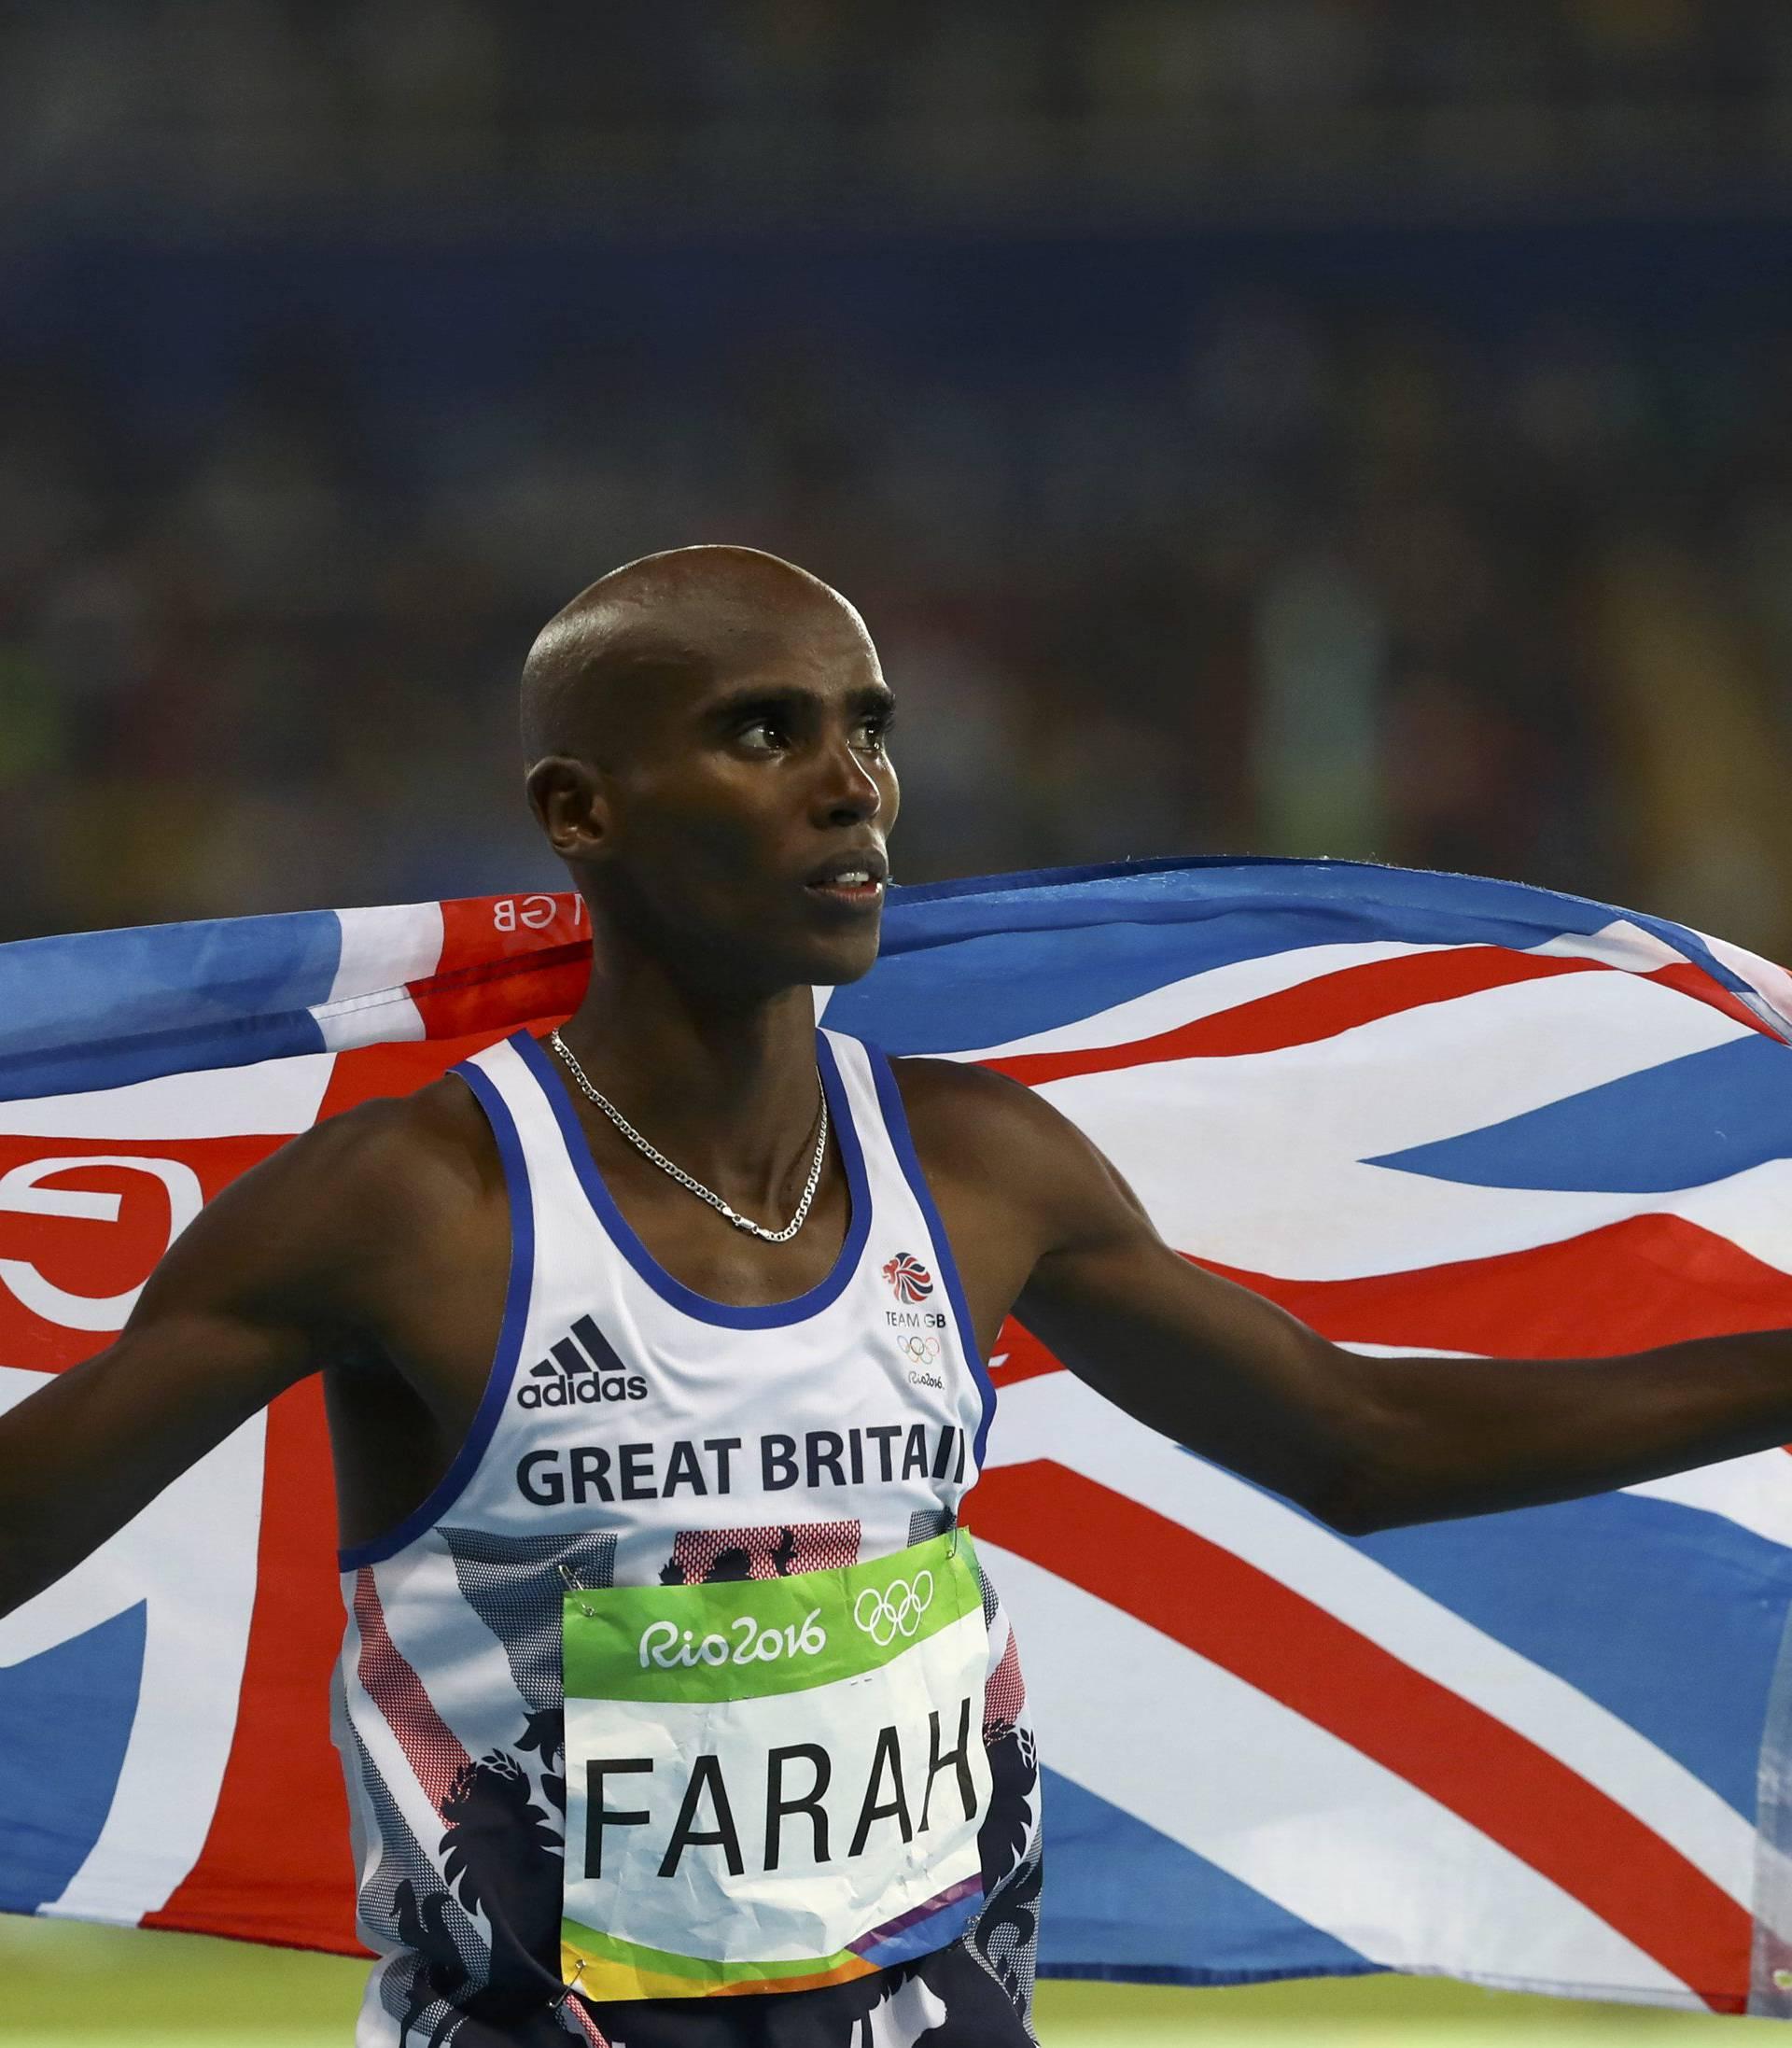 Athletics - Men's 10,000m Final